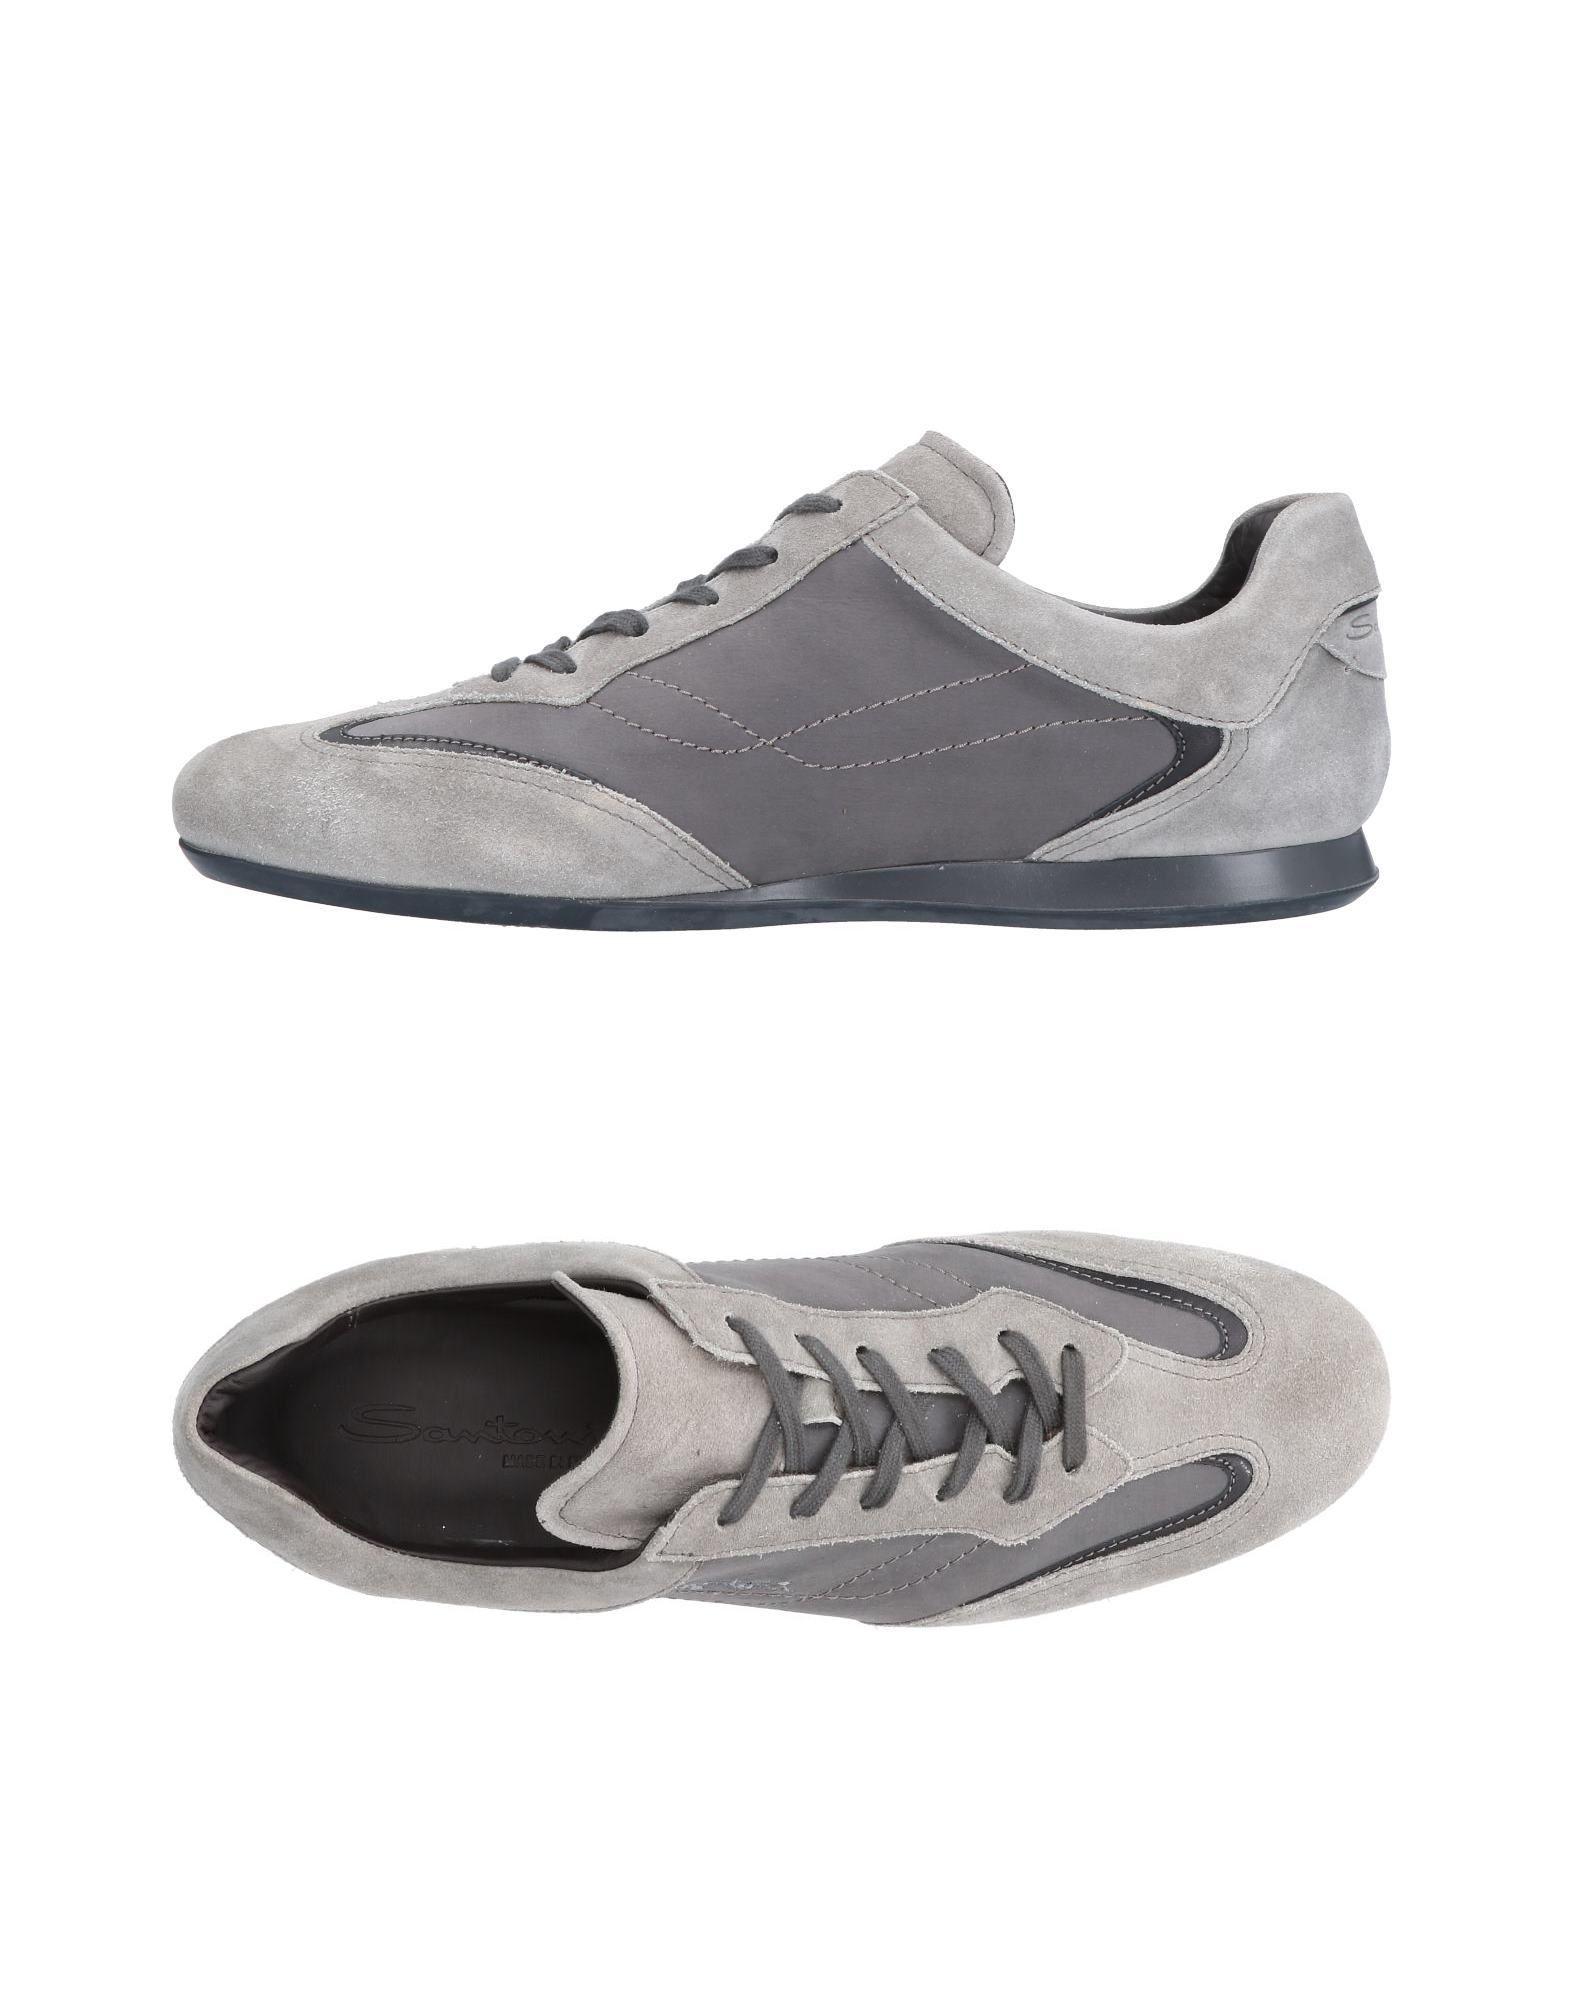 Santoni Sneakers Herren  11488147MI Gute Qualität beliebte Schuhe